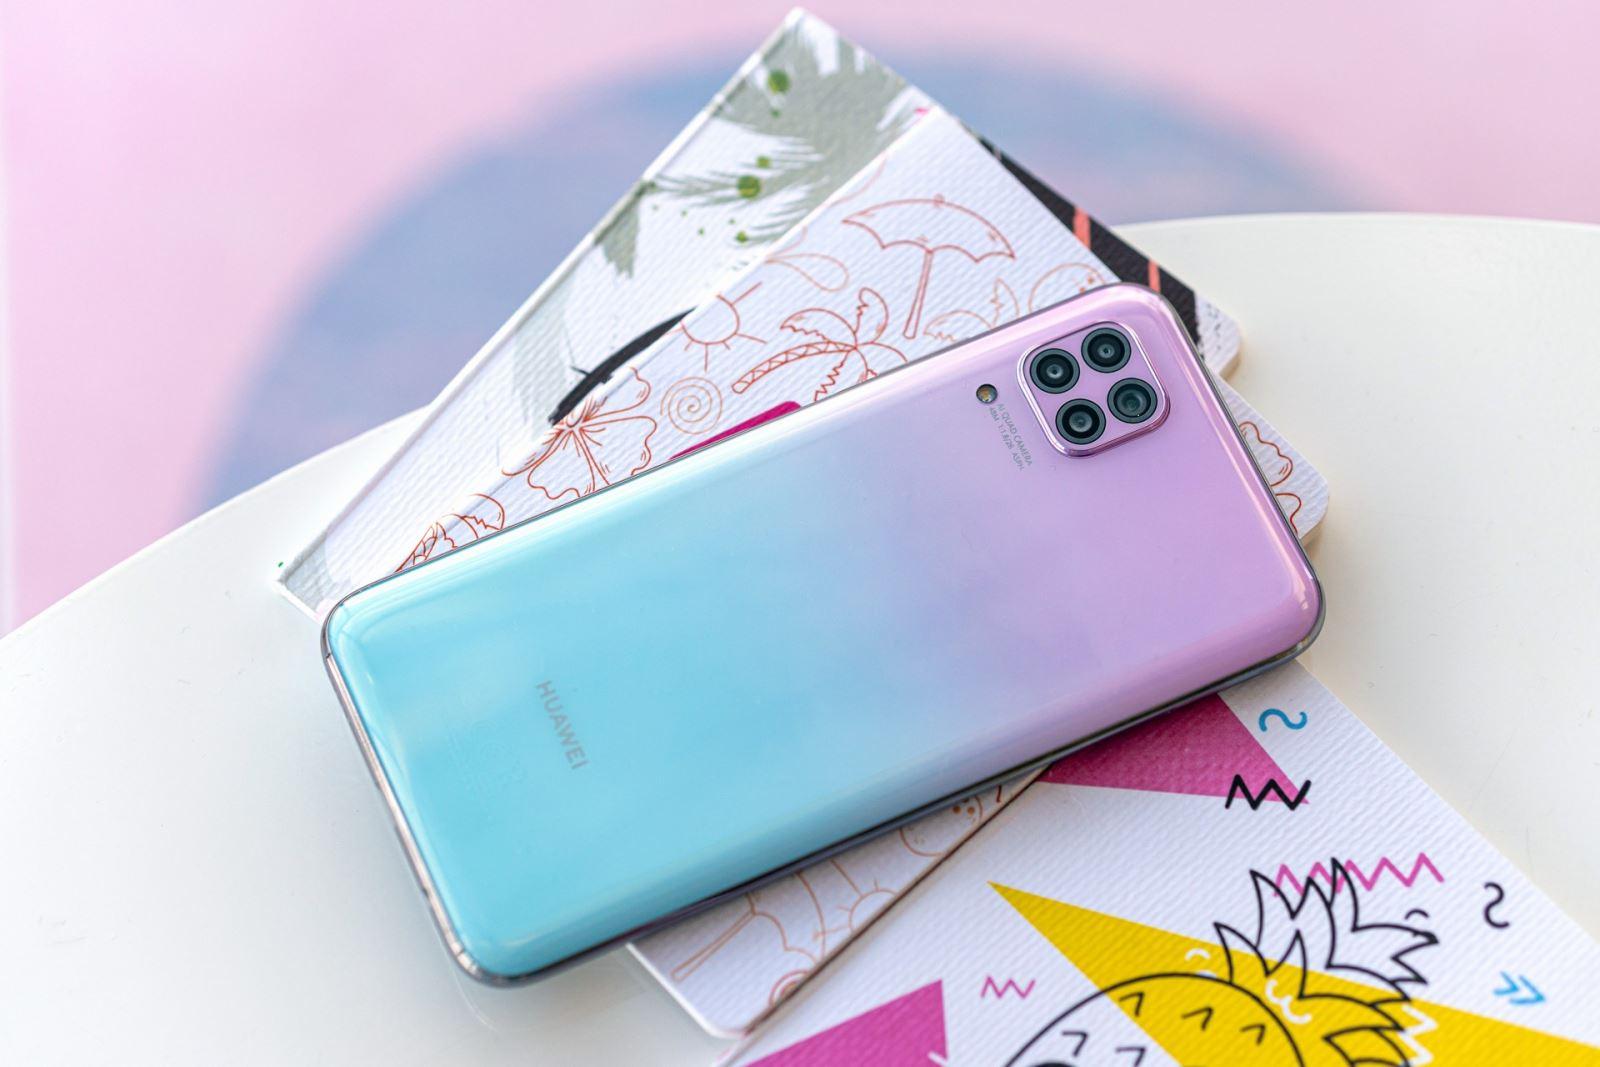 Huawei nova 7i: chỉ 7 triệu cho rất nhiều tính năng cao cấp